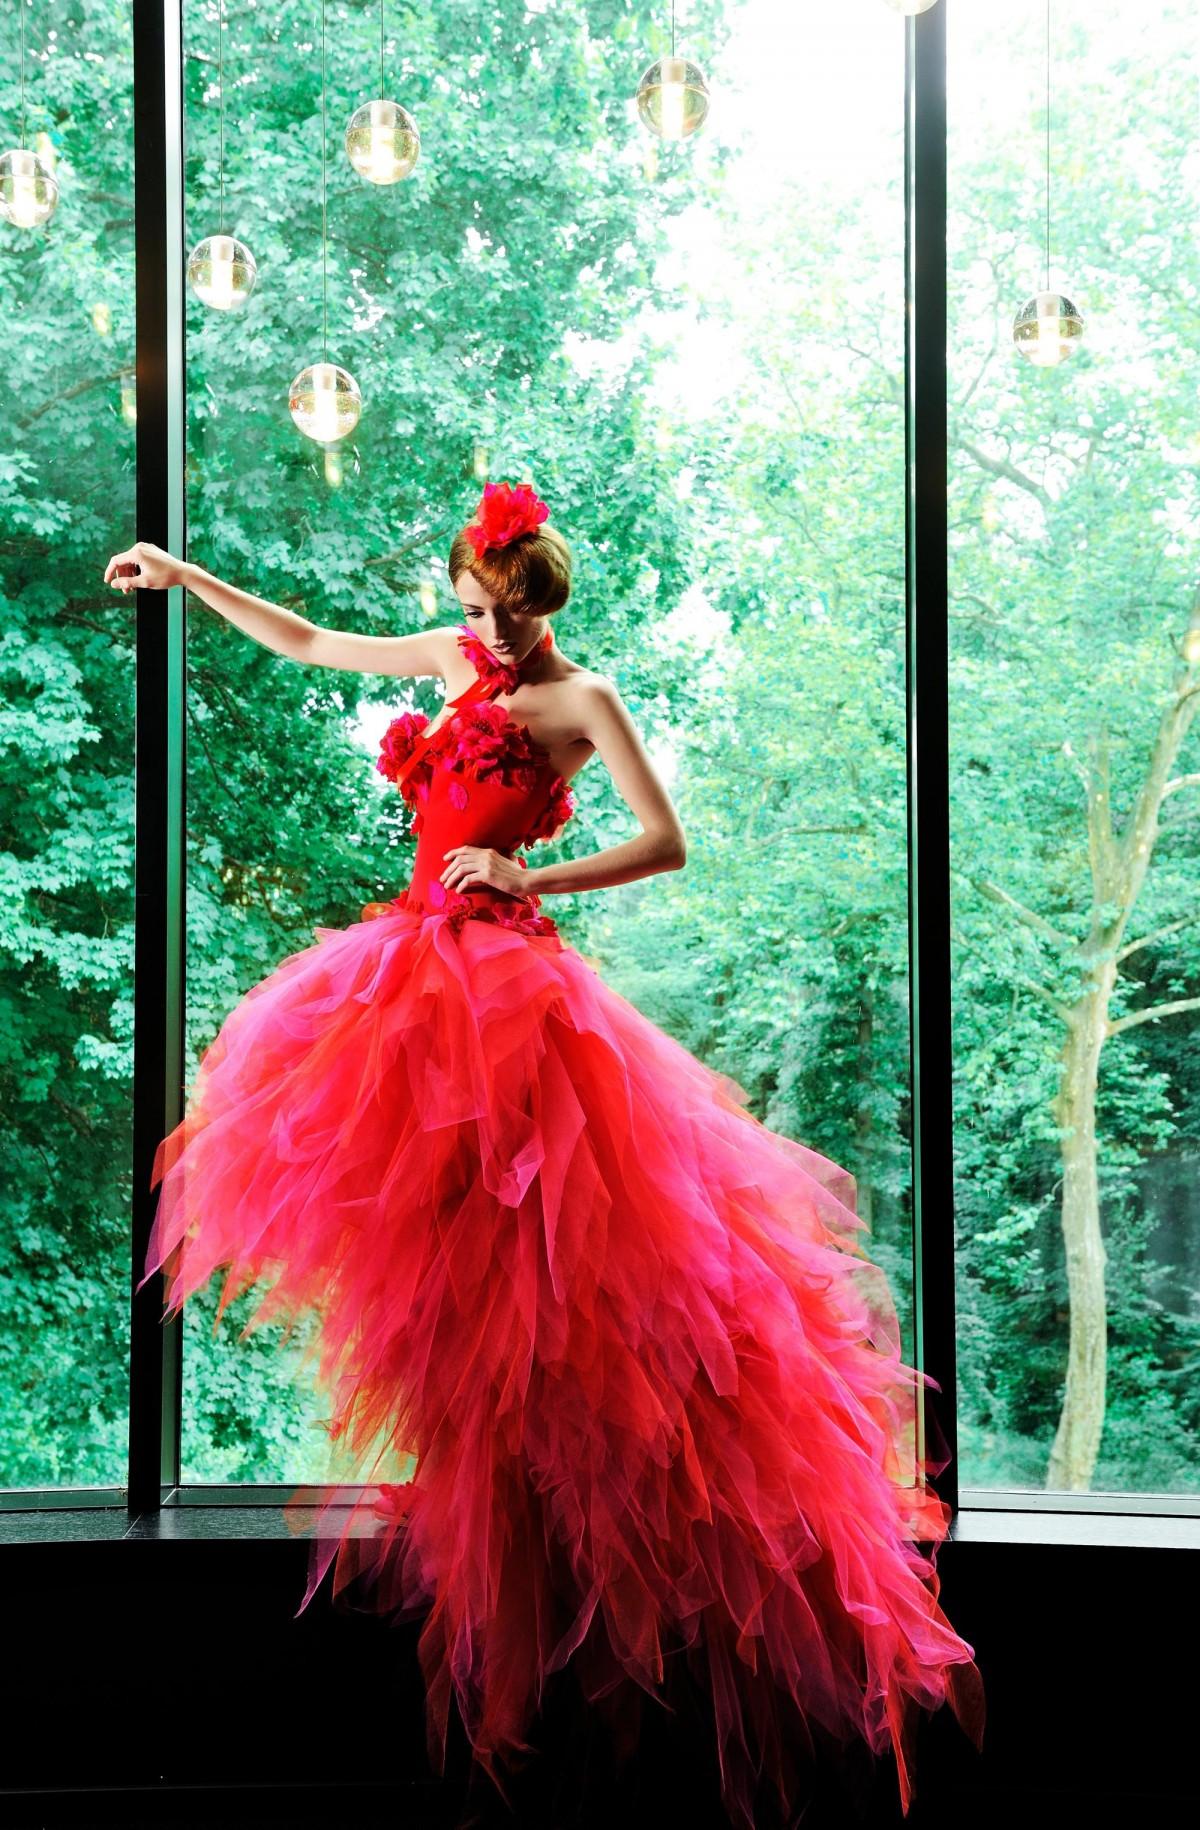 Rouge, fuschia et matières nobles pour cette robe signée Nicolas Fafiotte: un bustier de satin duchesse, des fleurs de soie et une jupe en foulards de tulles, cette robe de mariée éclatante est lacée dans le dos.